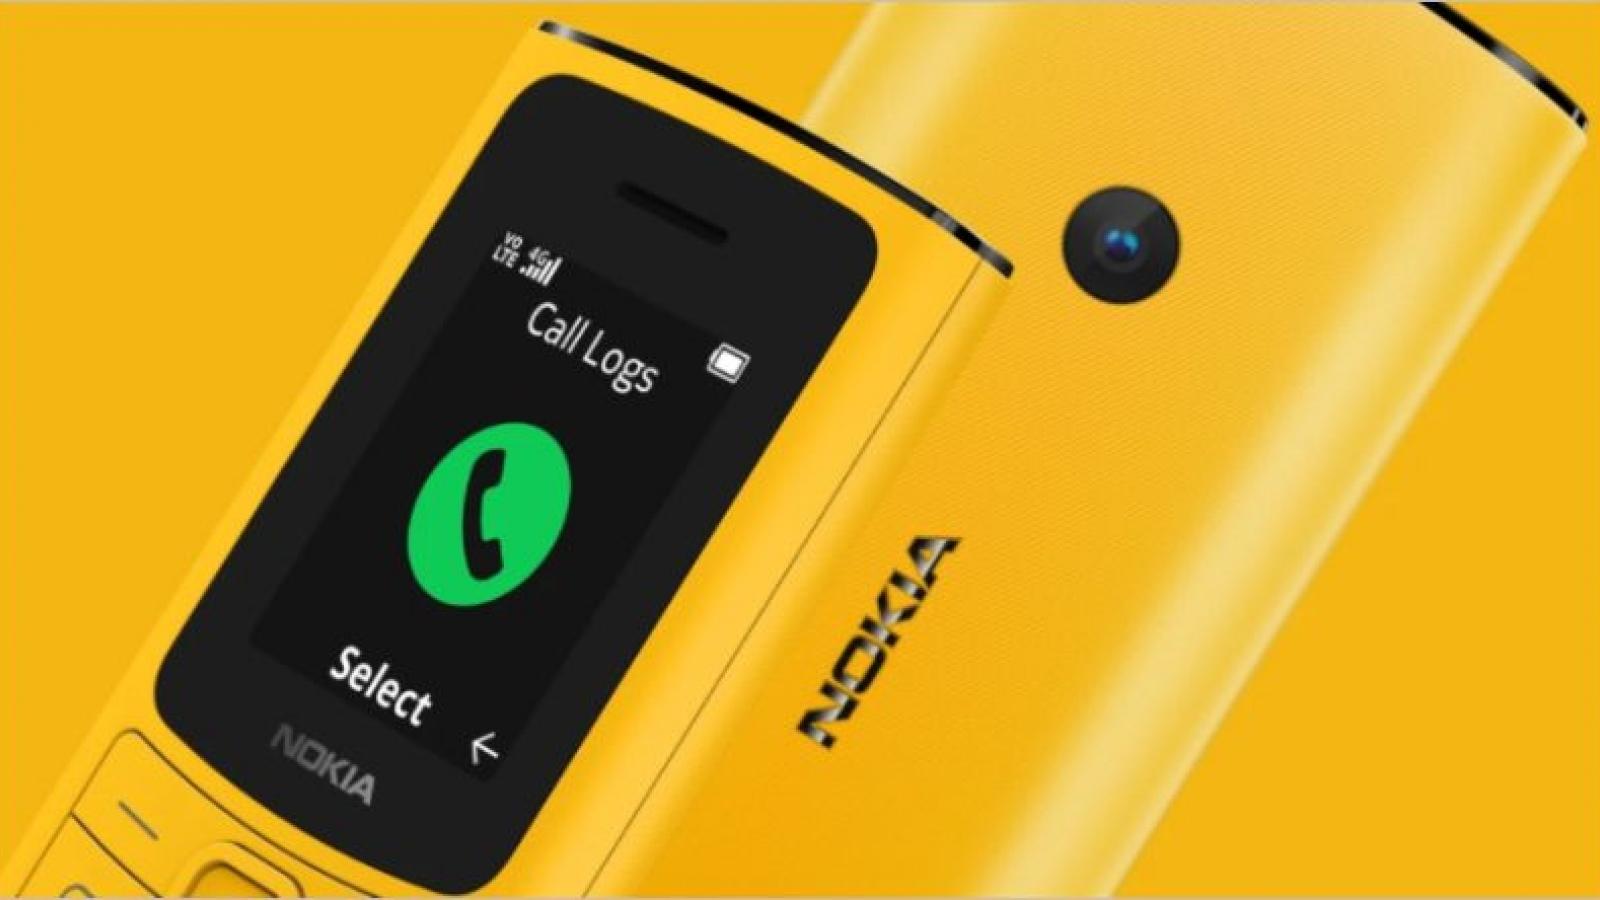 Nokia 110 4G và 105 4G ra mắt với kết nối LTE, thiết kế mới